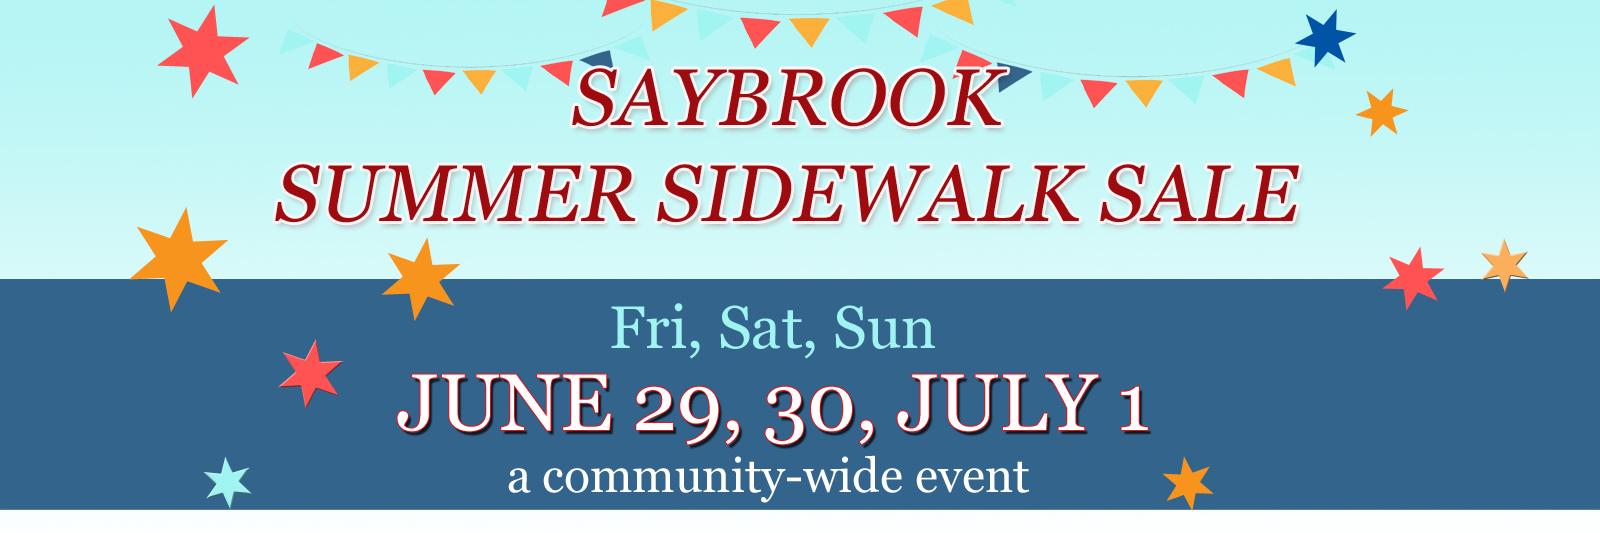 SidewalkSale-website-1600x533.jpg